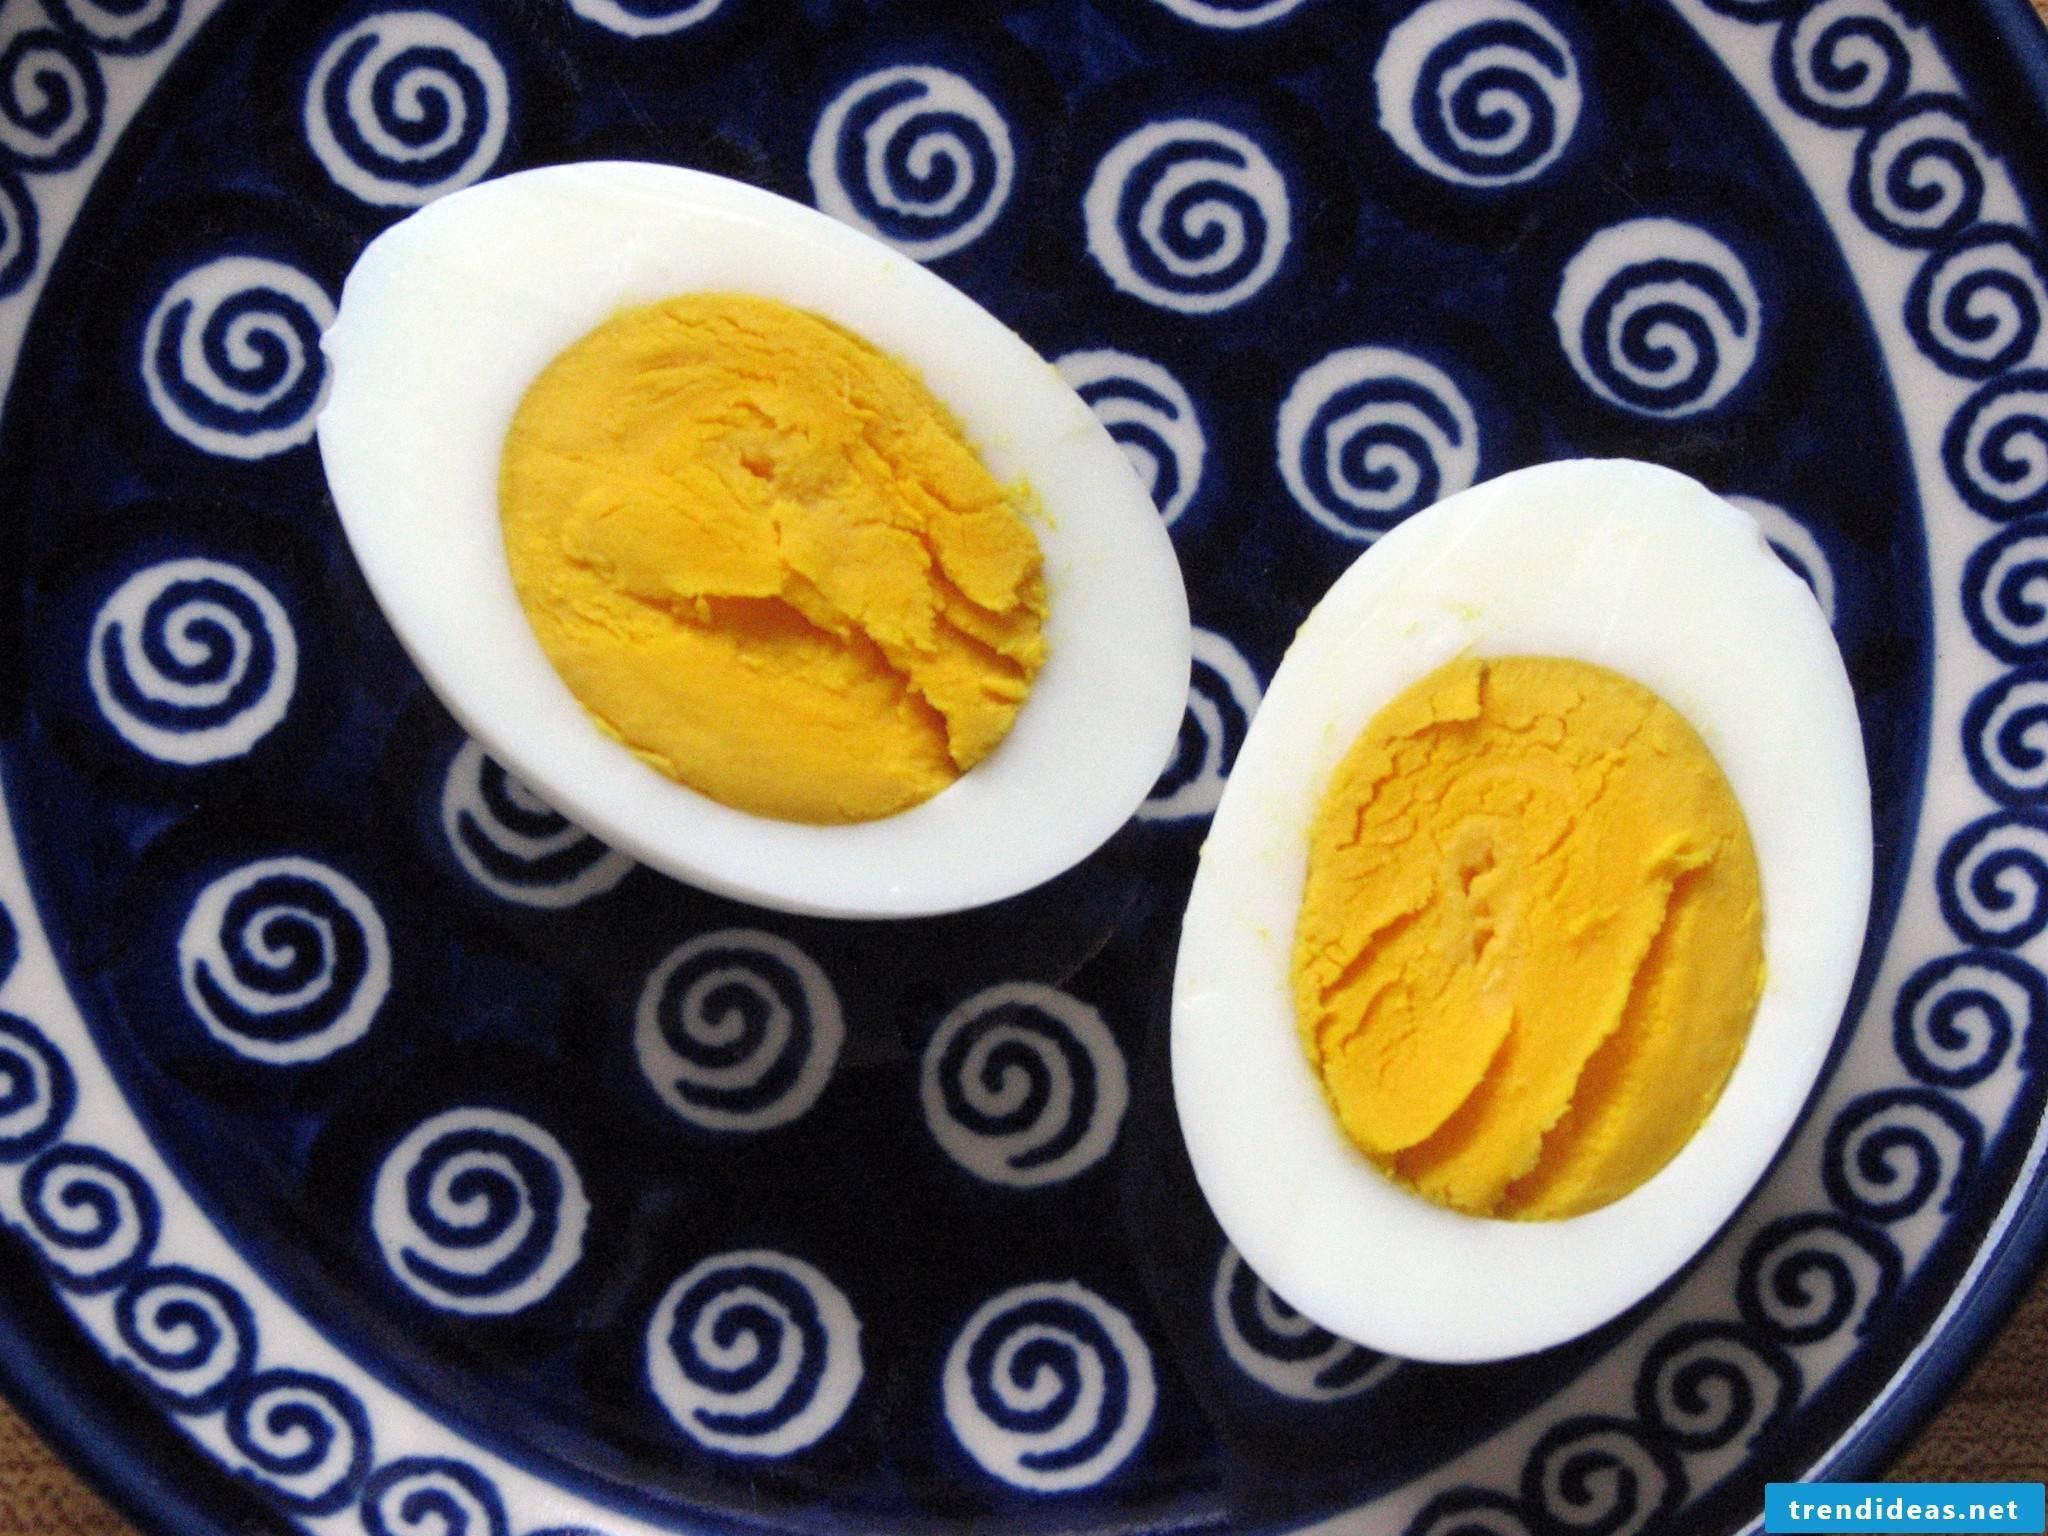 How do I make hard-boiled eggs?